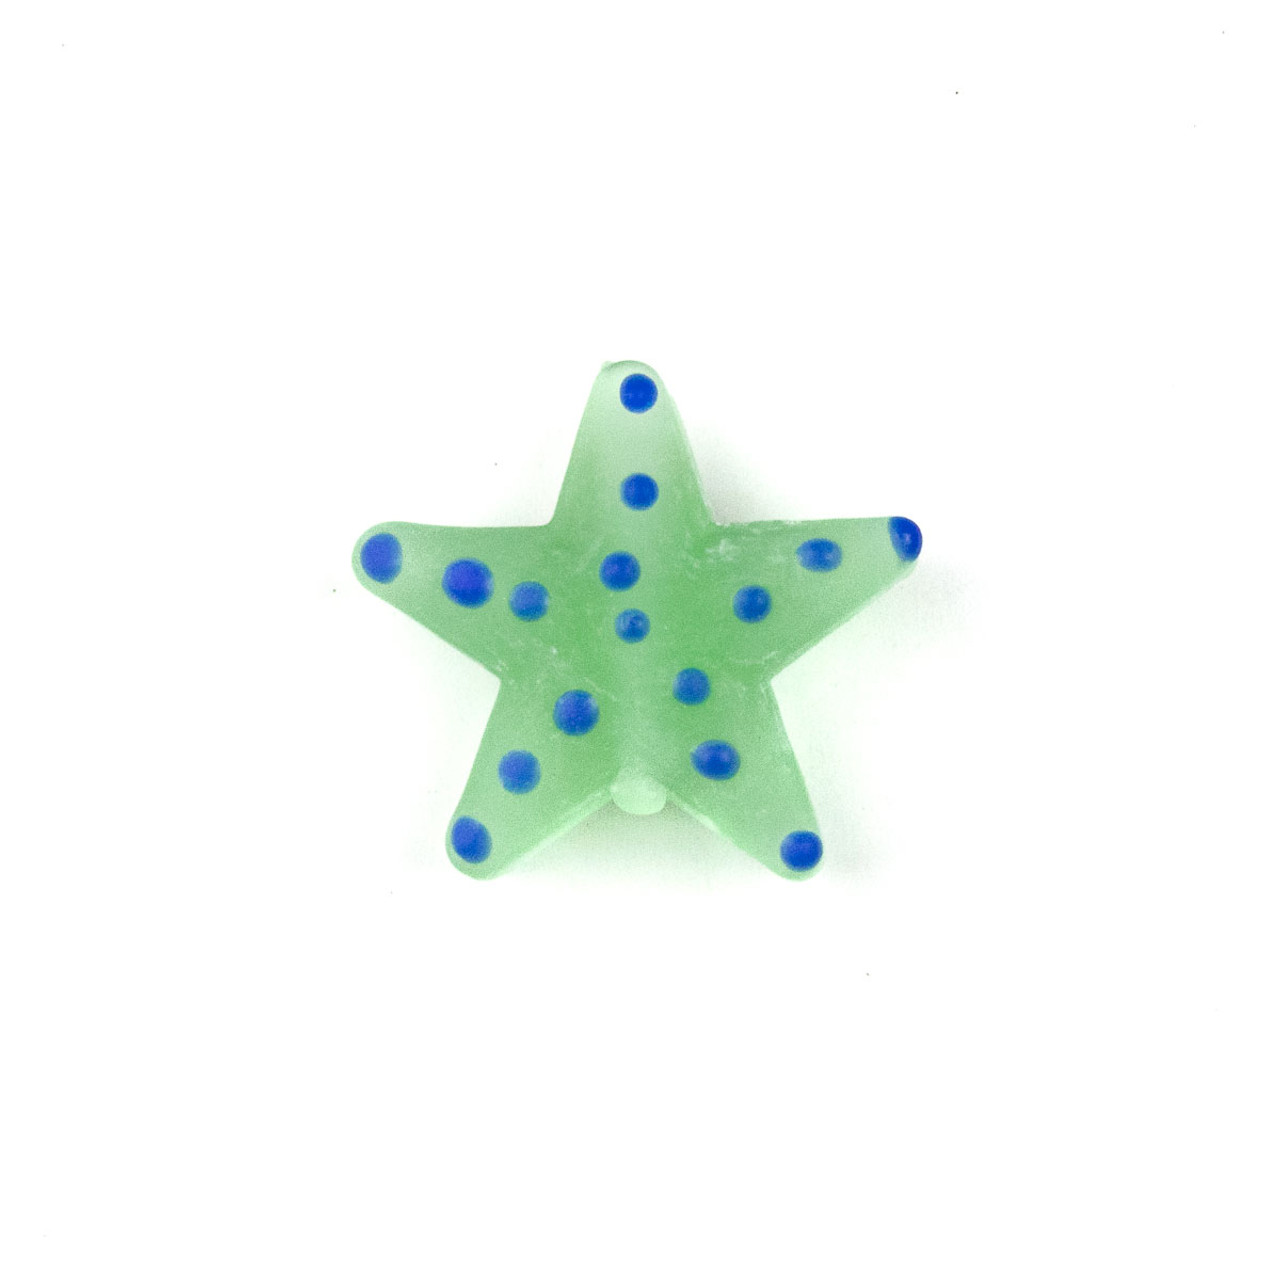 HANDMADE /'STARFISH/' BRIGHT BLUE GLASS LAMP WORK PENDANT